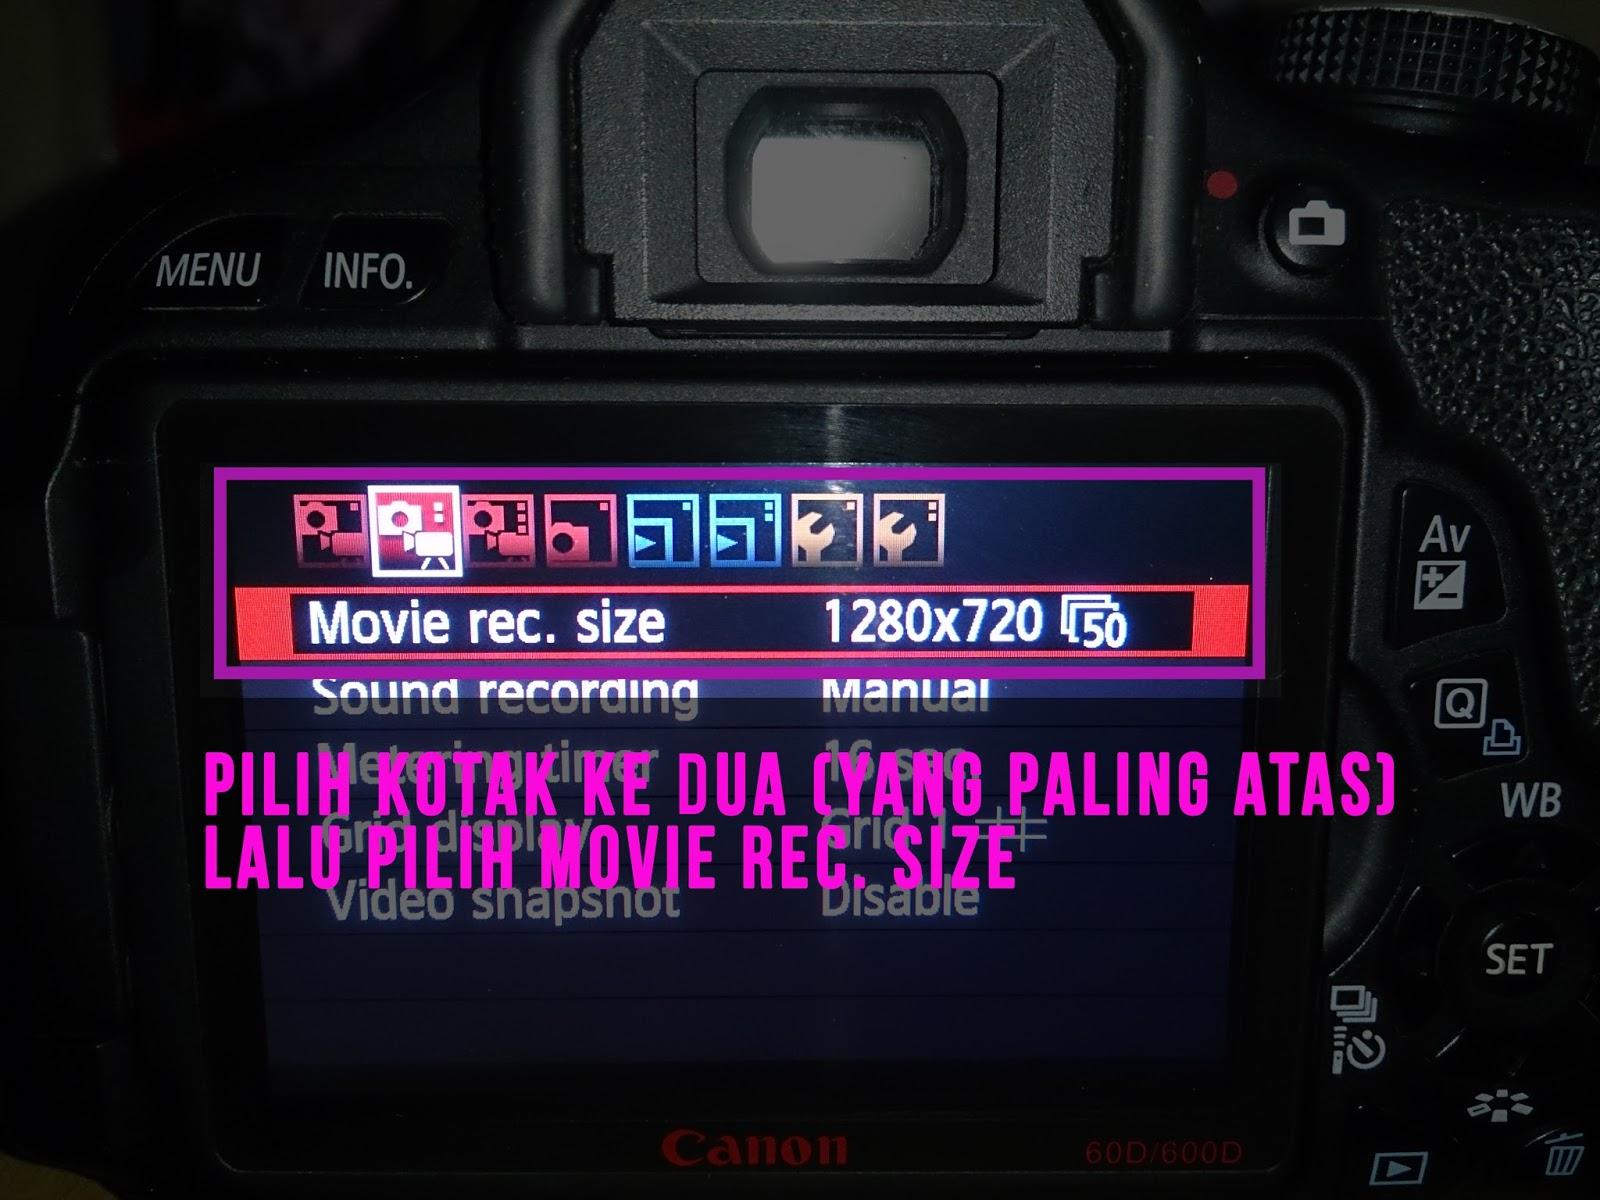 Pilih kotak yang ke 2 di bagian paling atas yang ada gambar kamera videonya Lalu pilih Movie Rec Size